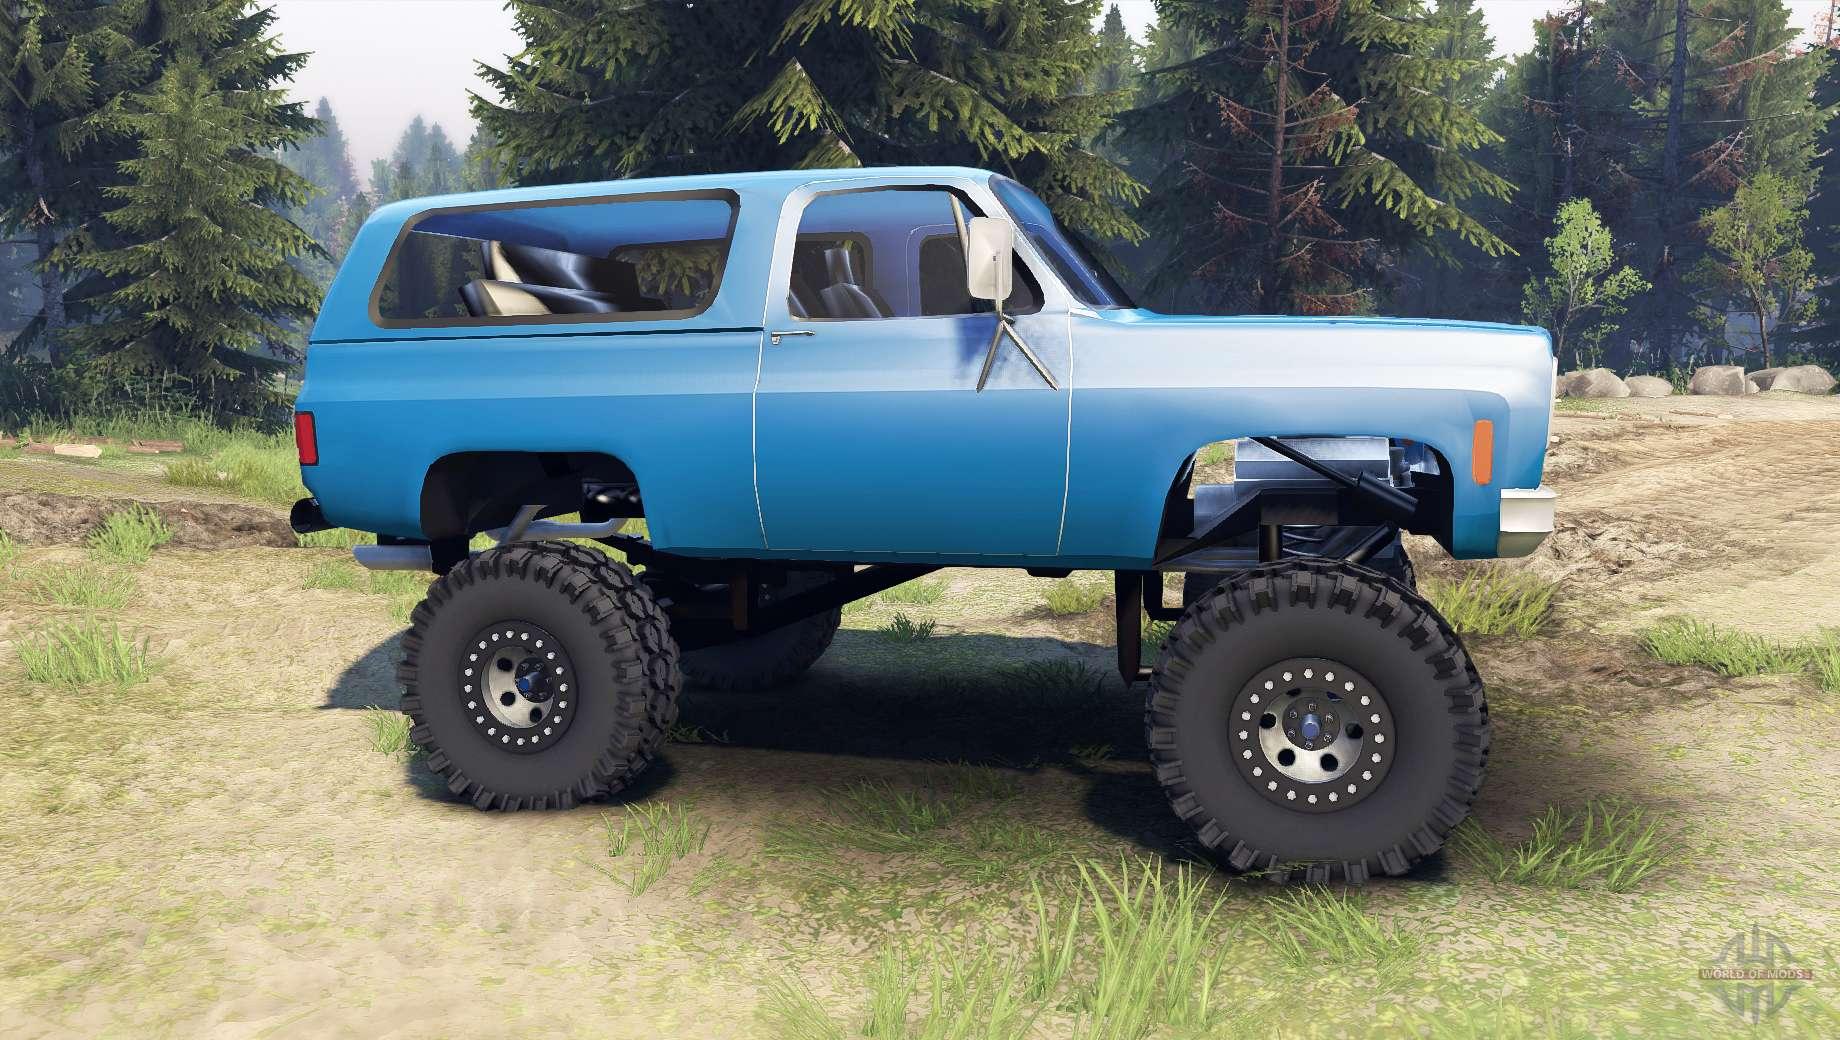 K5 blazer 1975 final blue for spin tires chevrolet k5 blazer 1975 final blue for spin tires publicscrutiny Images